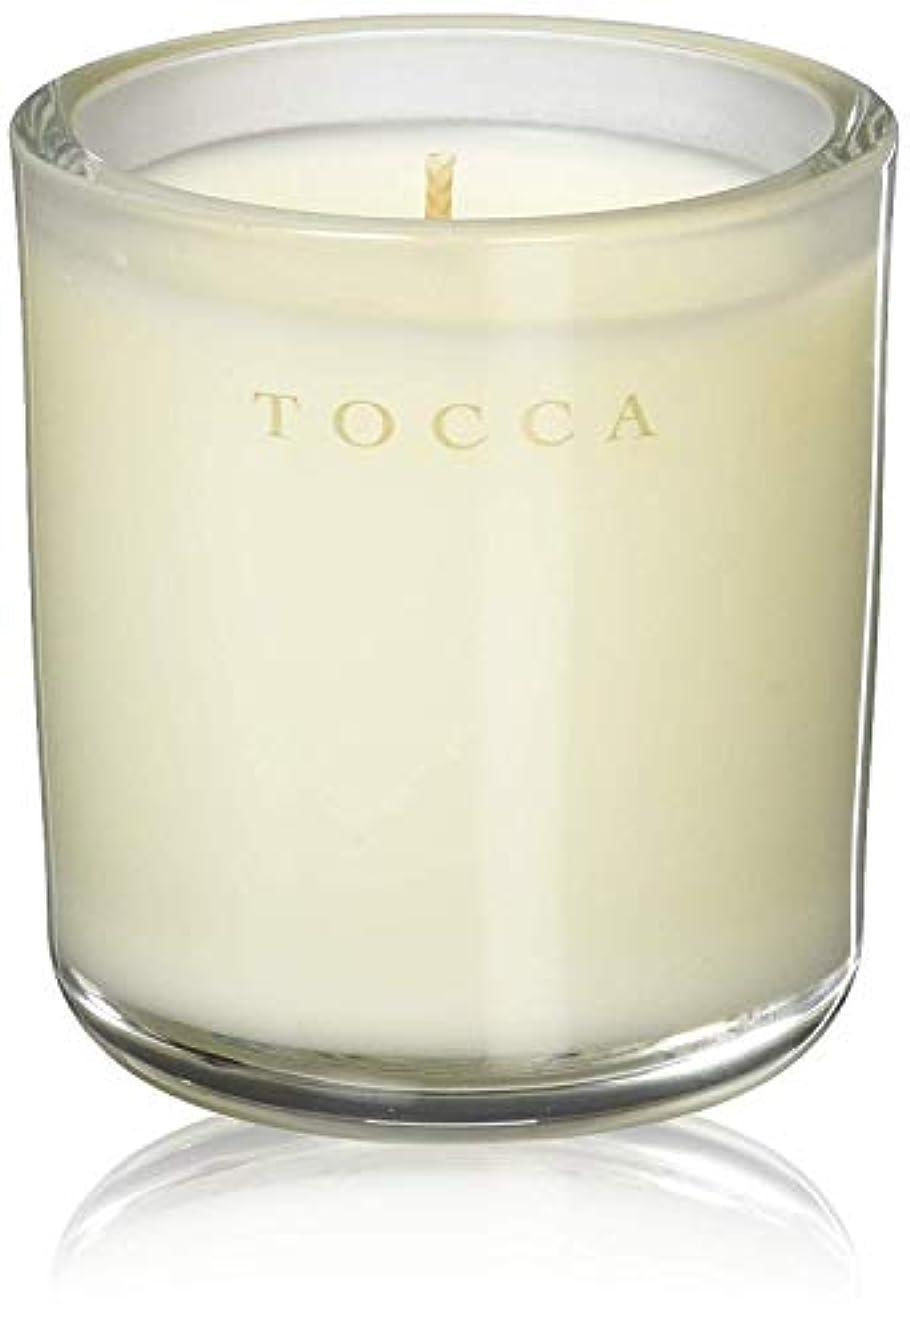 忍耐対立弱まるTOCCA(トッカ) ボヤージュ キャンデリーナ バレンシア 85g (ろうそく 芳香 オレンジとベルガモットのフレッシュシトラスな香り)